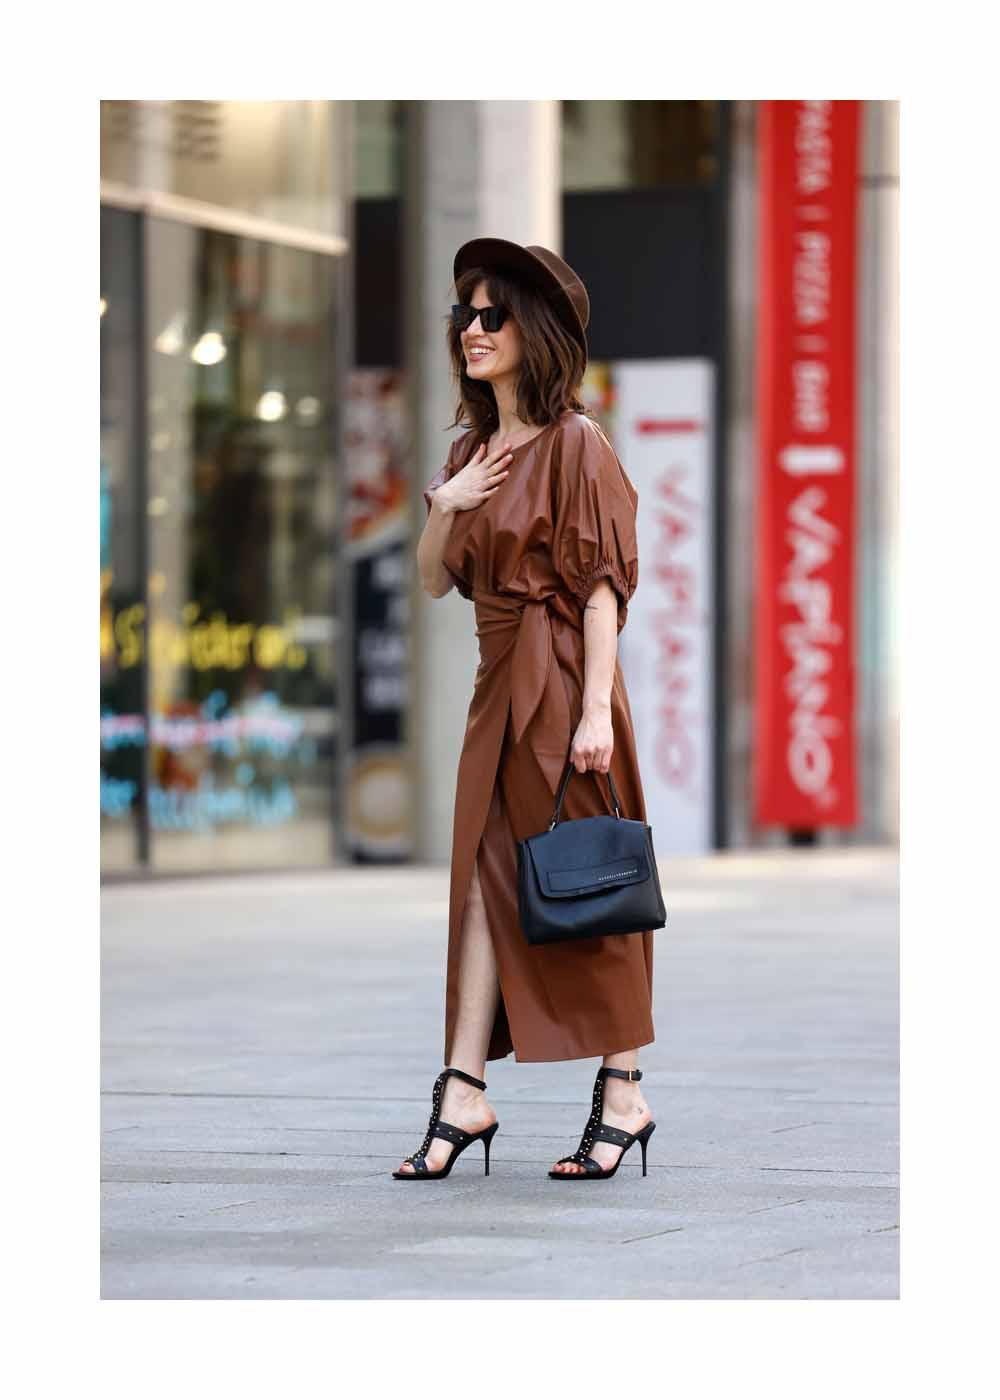 Street Style Shooting mit Schauspielerin Natalia Avelon